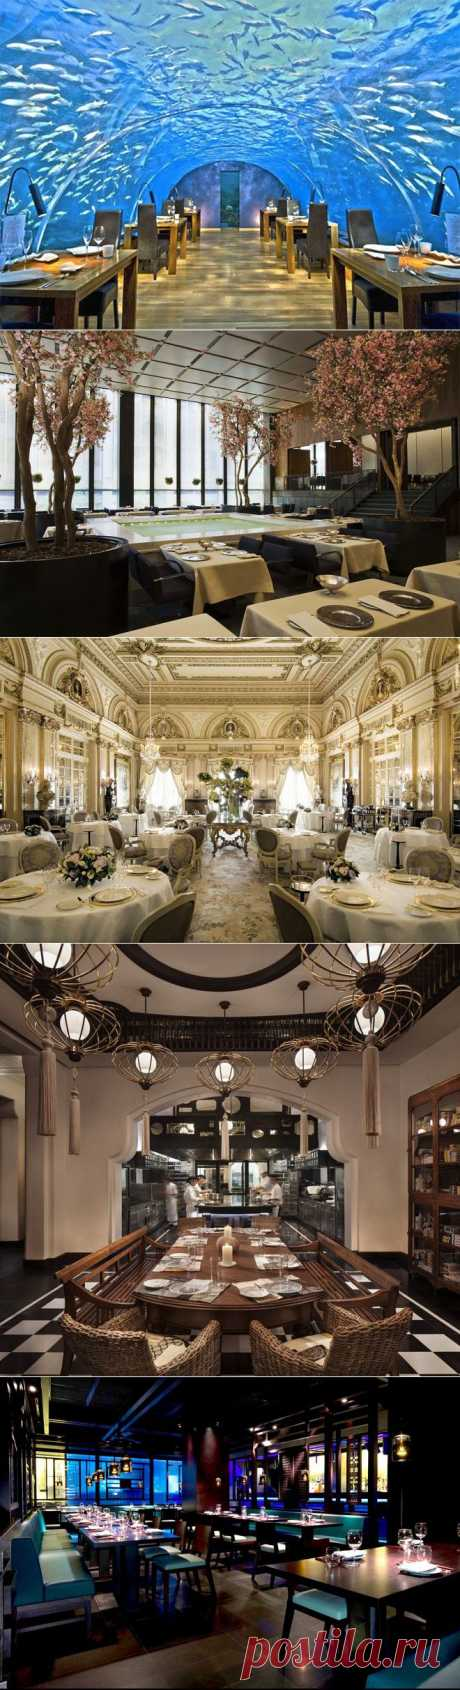 Самые красивые рестораны мира / Всё самое лучшее из интернета